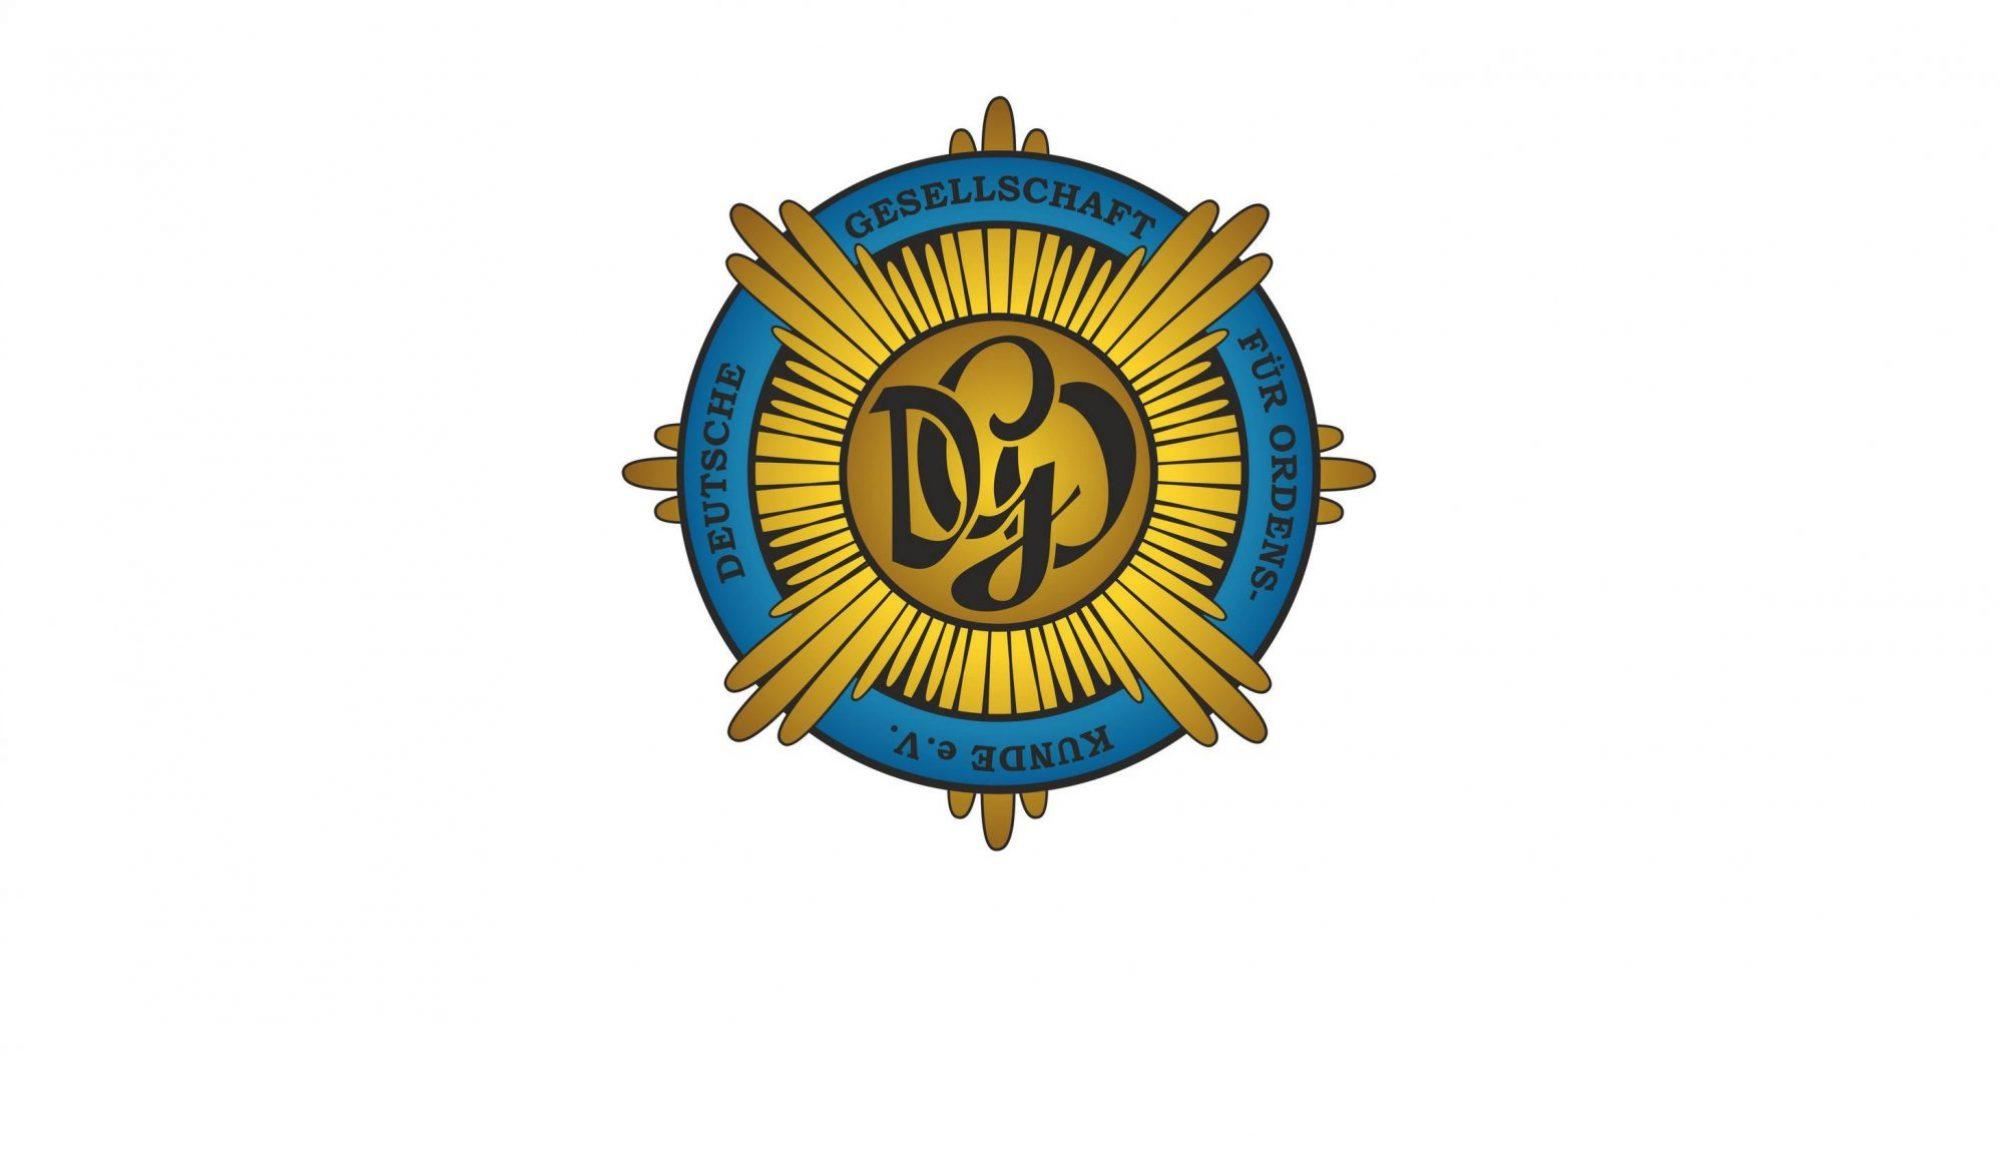 Deutsche Gesellschaft für Ordenskunde e.V.